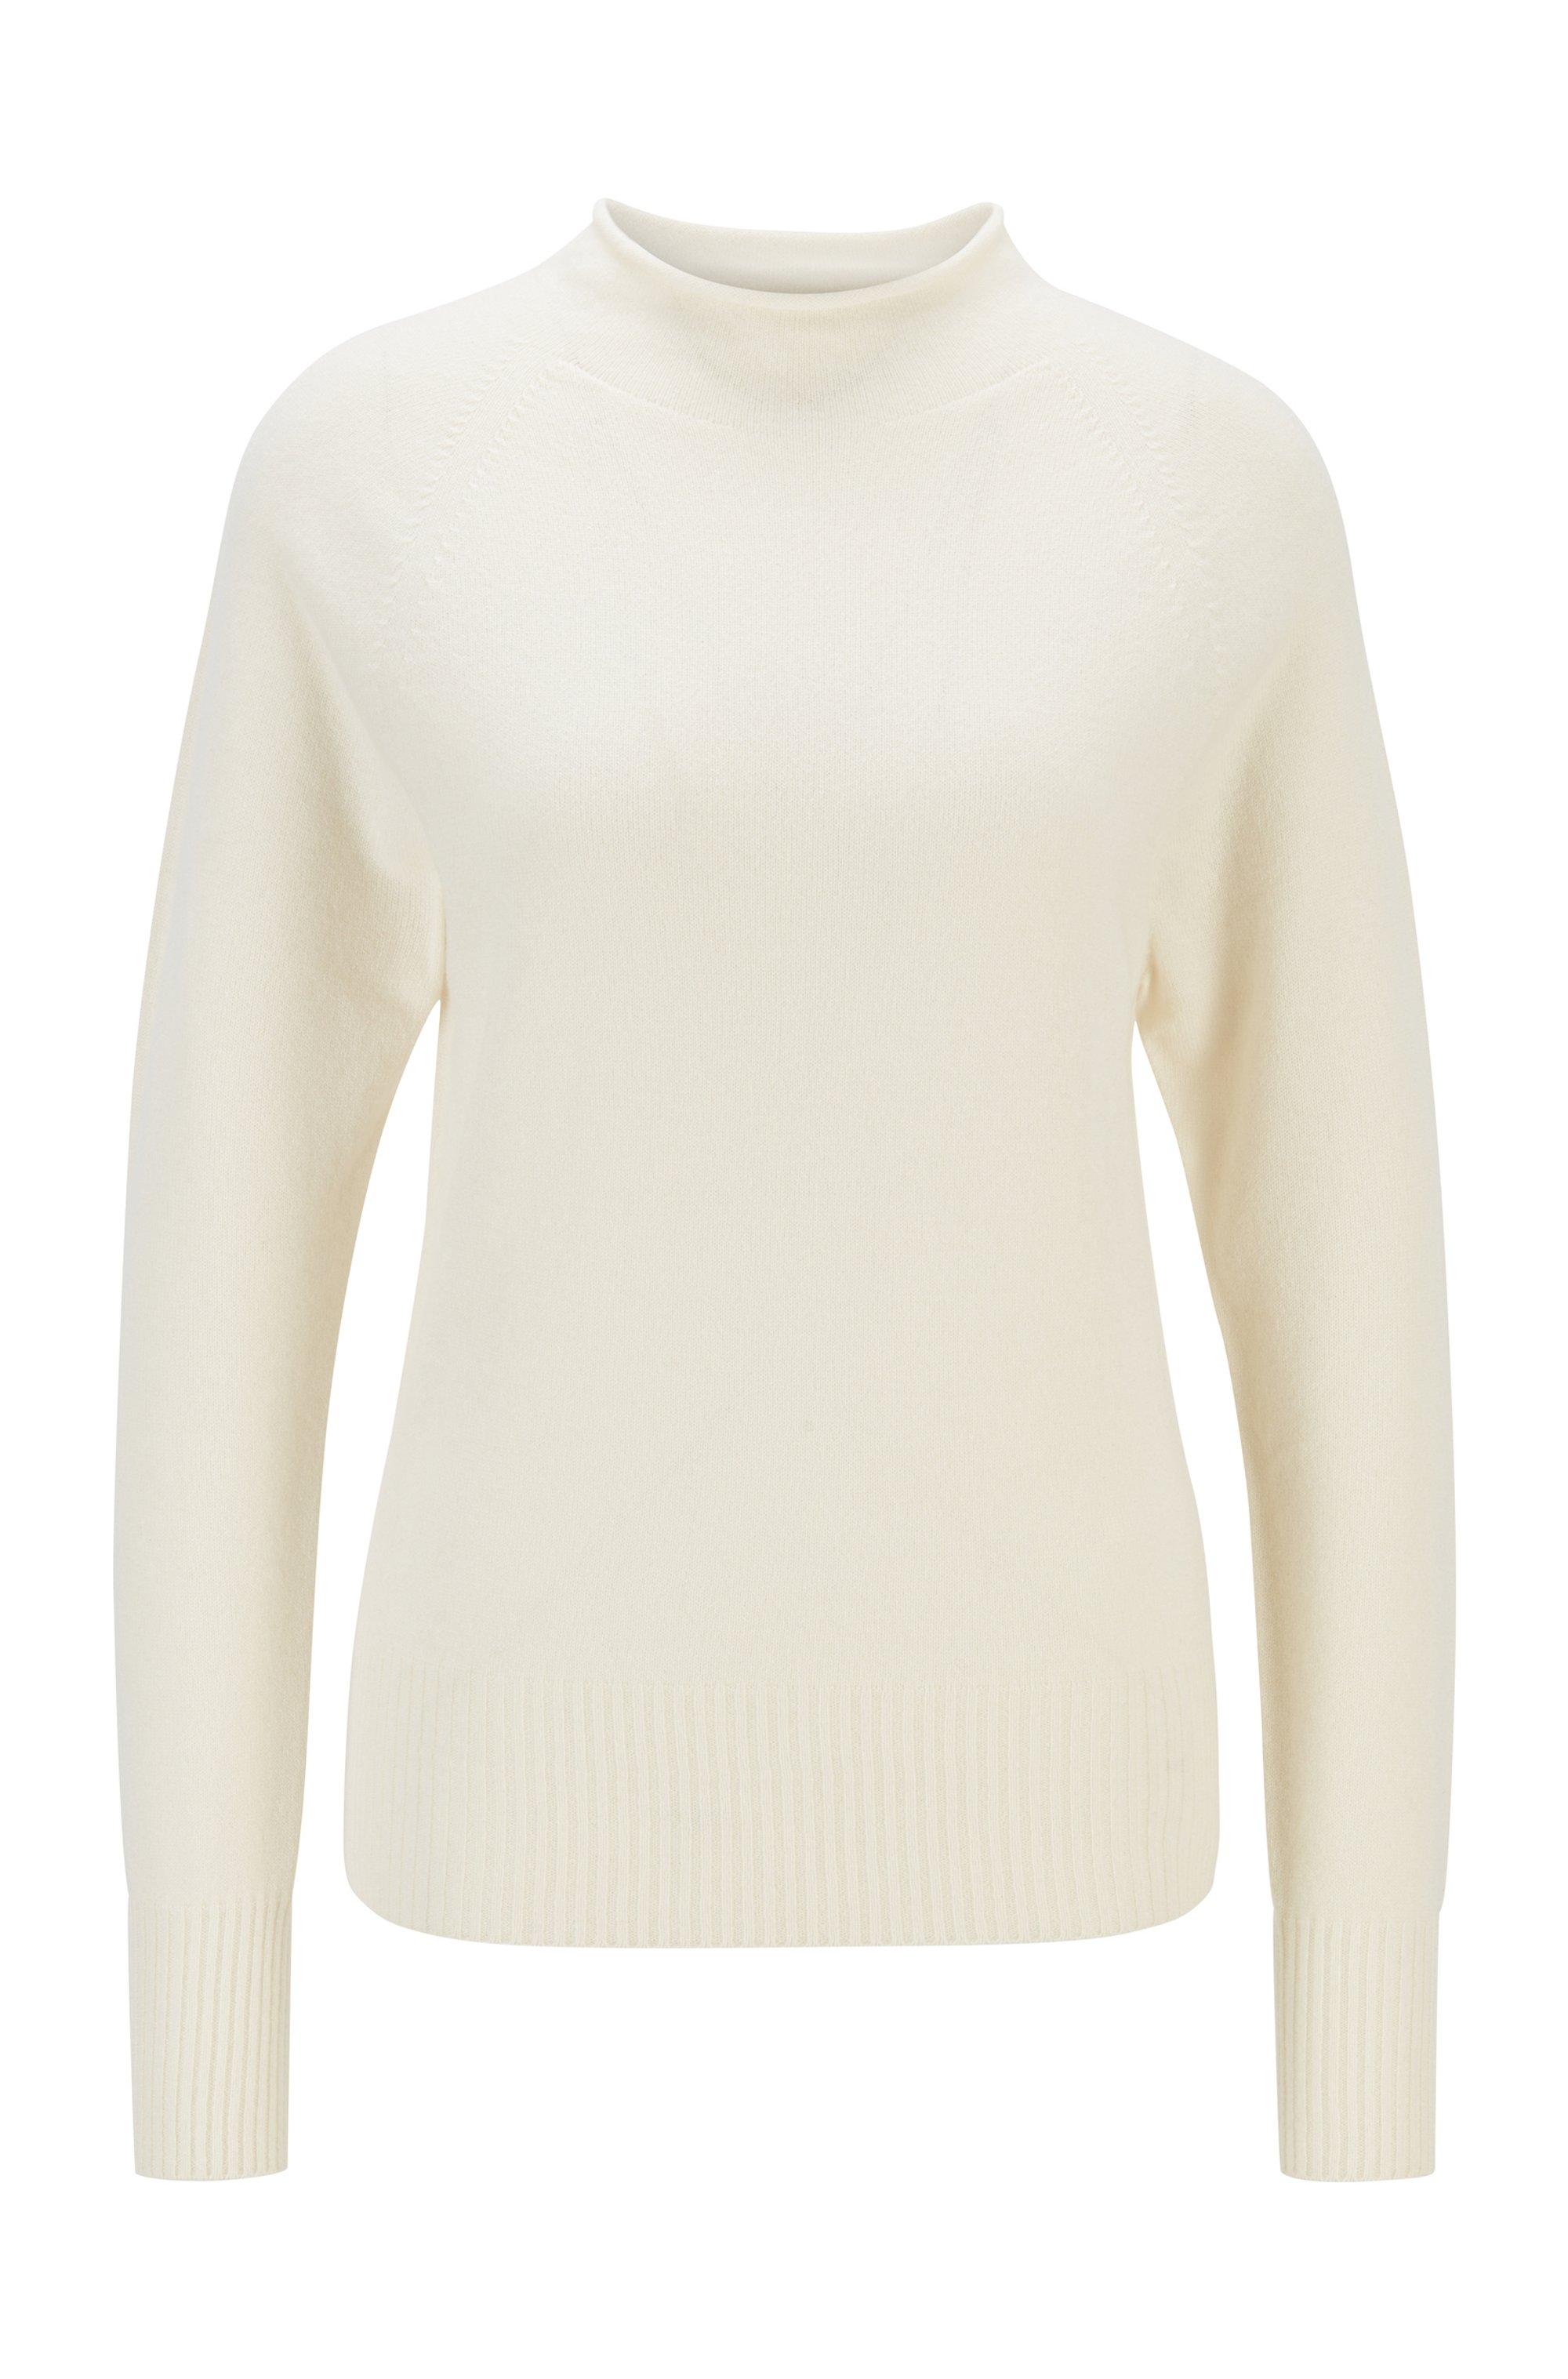 Pullover aus reinem Kaschmir mit Trichterkragen, Weiß